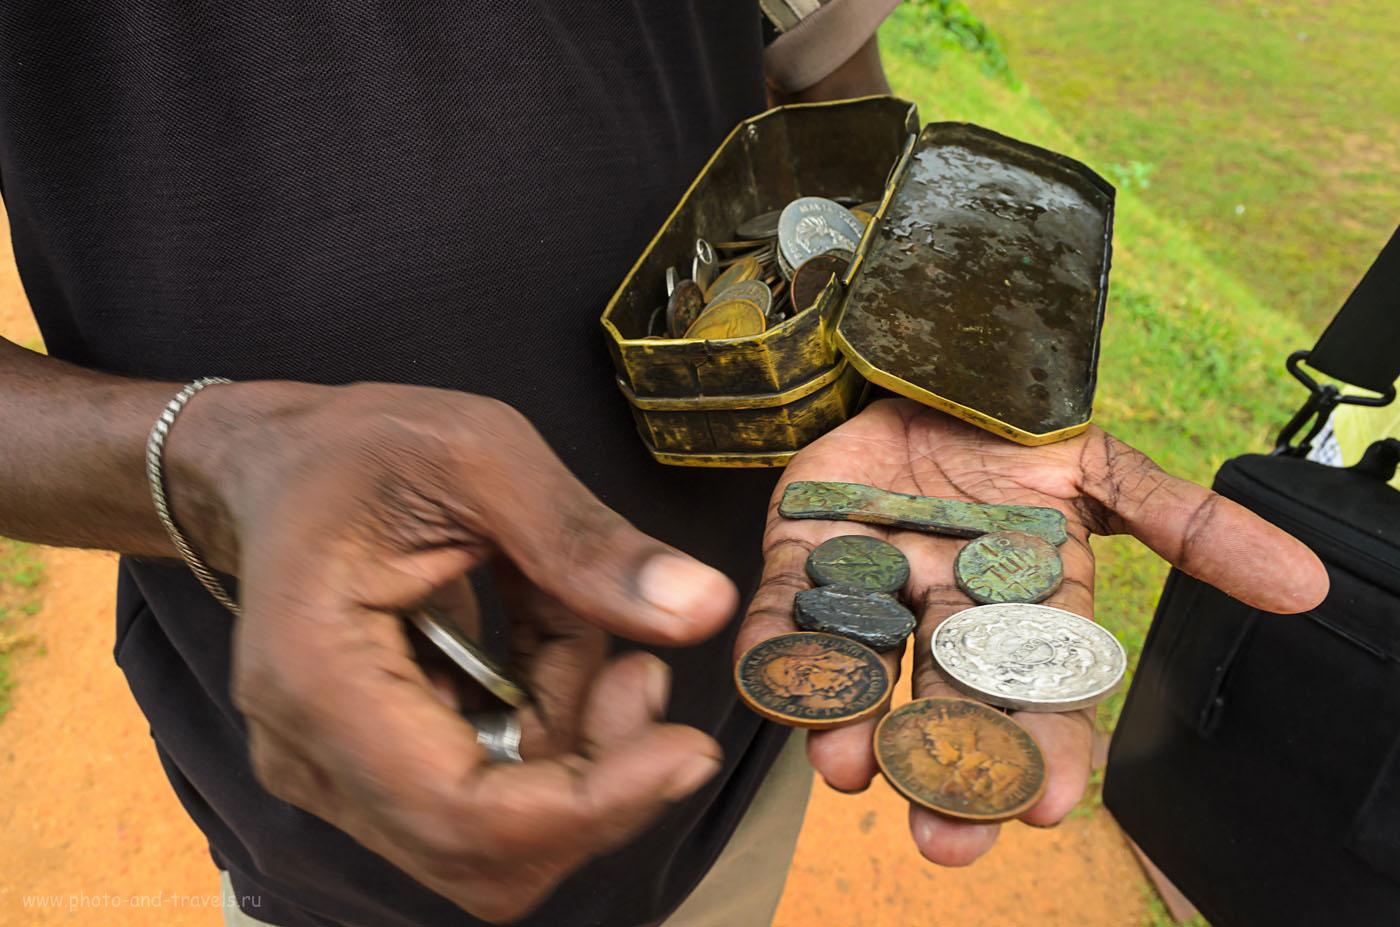 Фото 7. Древние монеты на Шри-Ланке. Отзыв о поездке на экскурсию в форт Галле дикарями в мае.